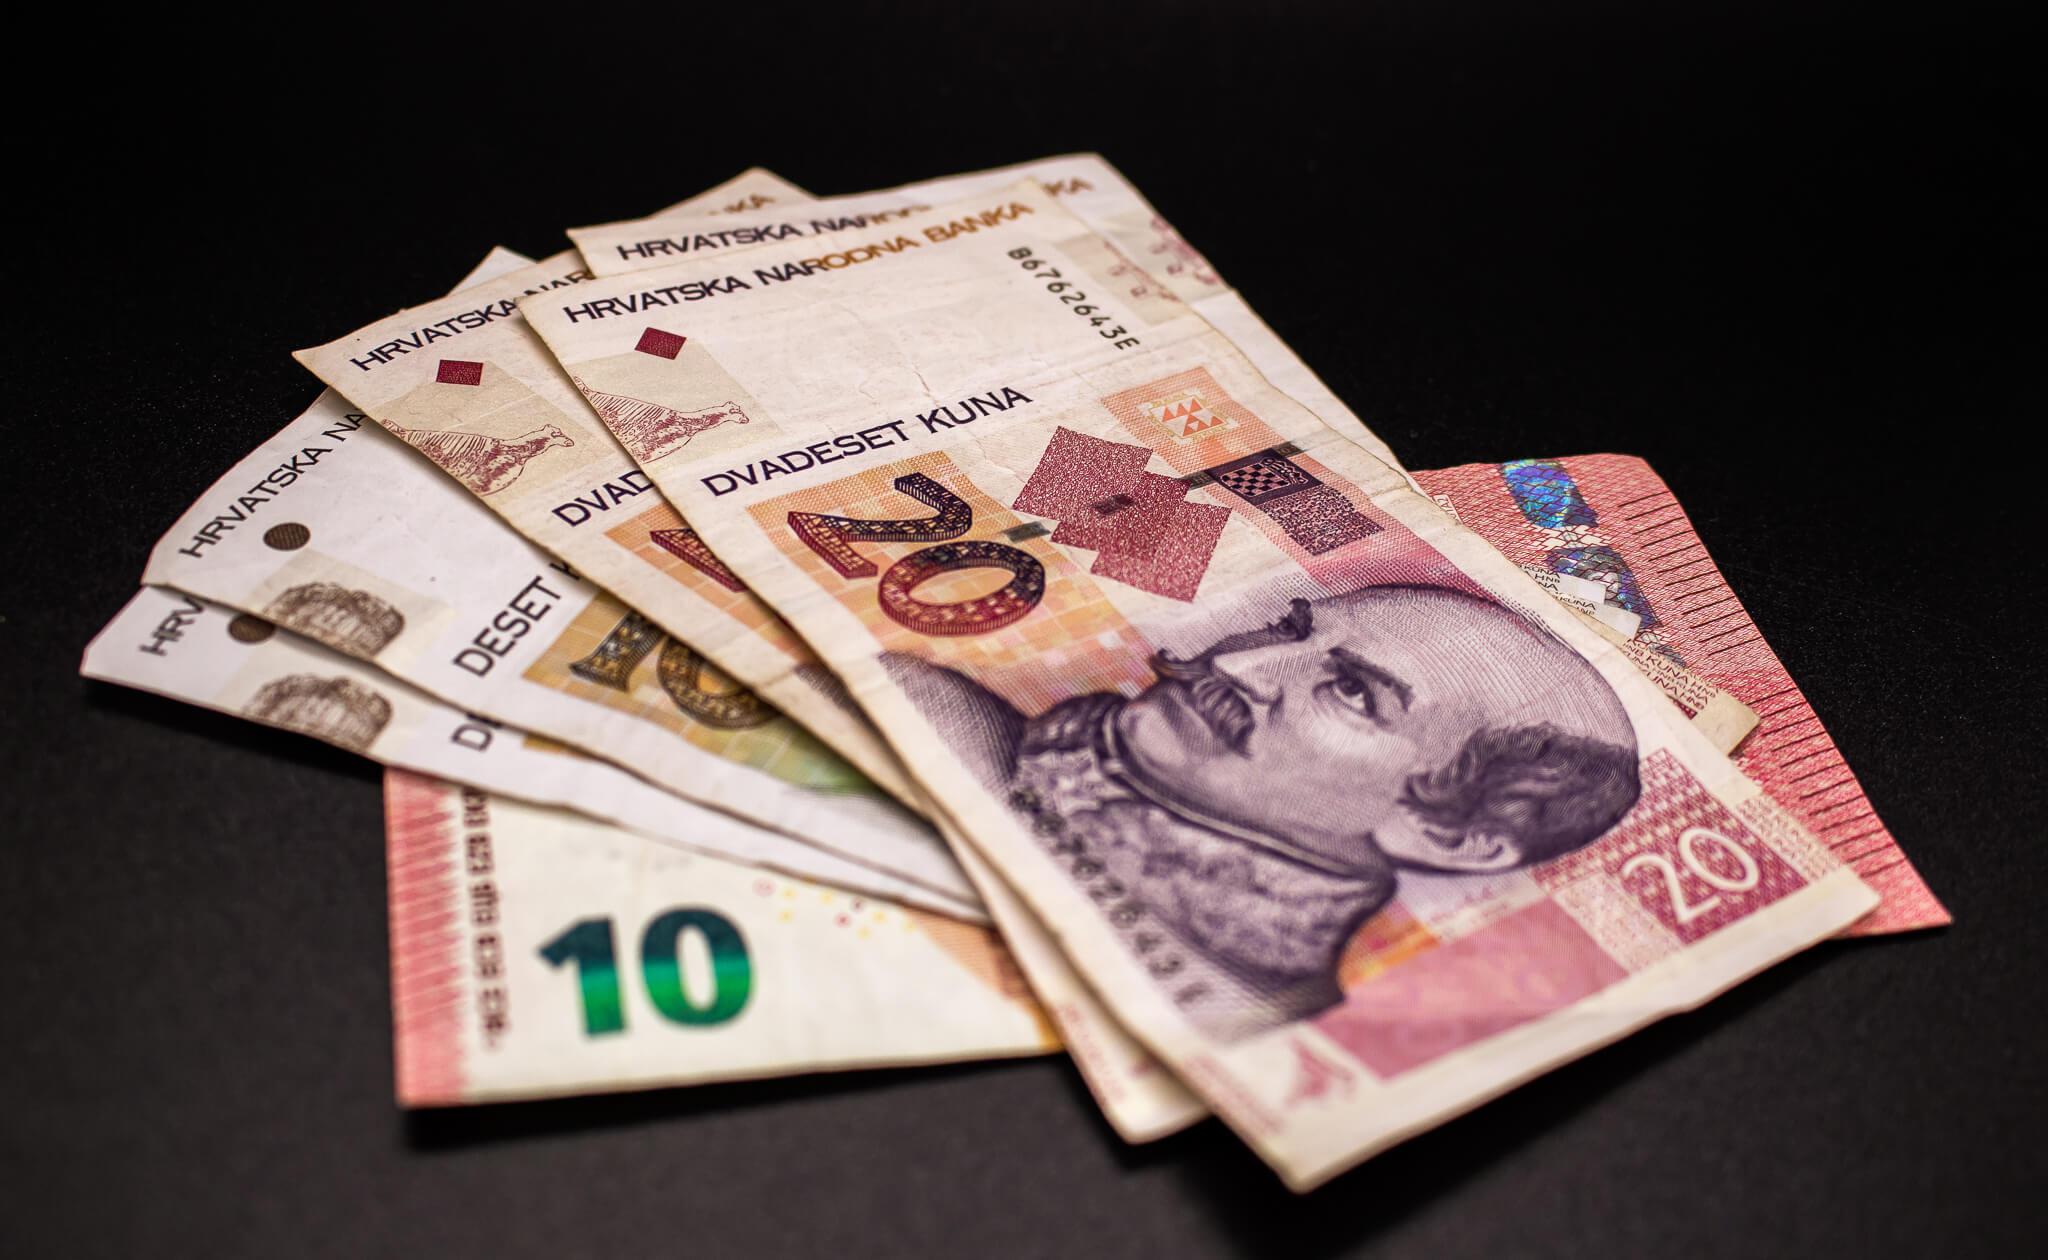 Sveučilište dodjeluje 10.800 kuna stipendije u nekoliko kategorija: Rok za prijave je kratak